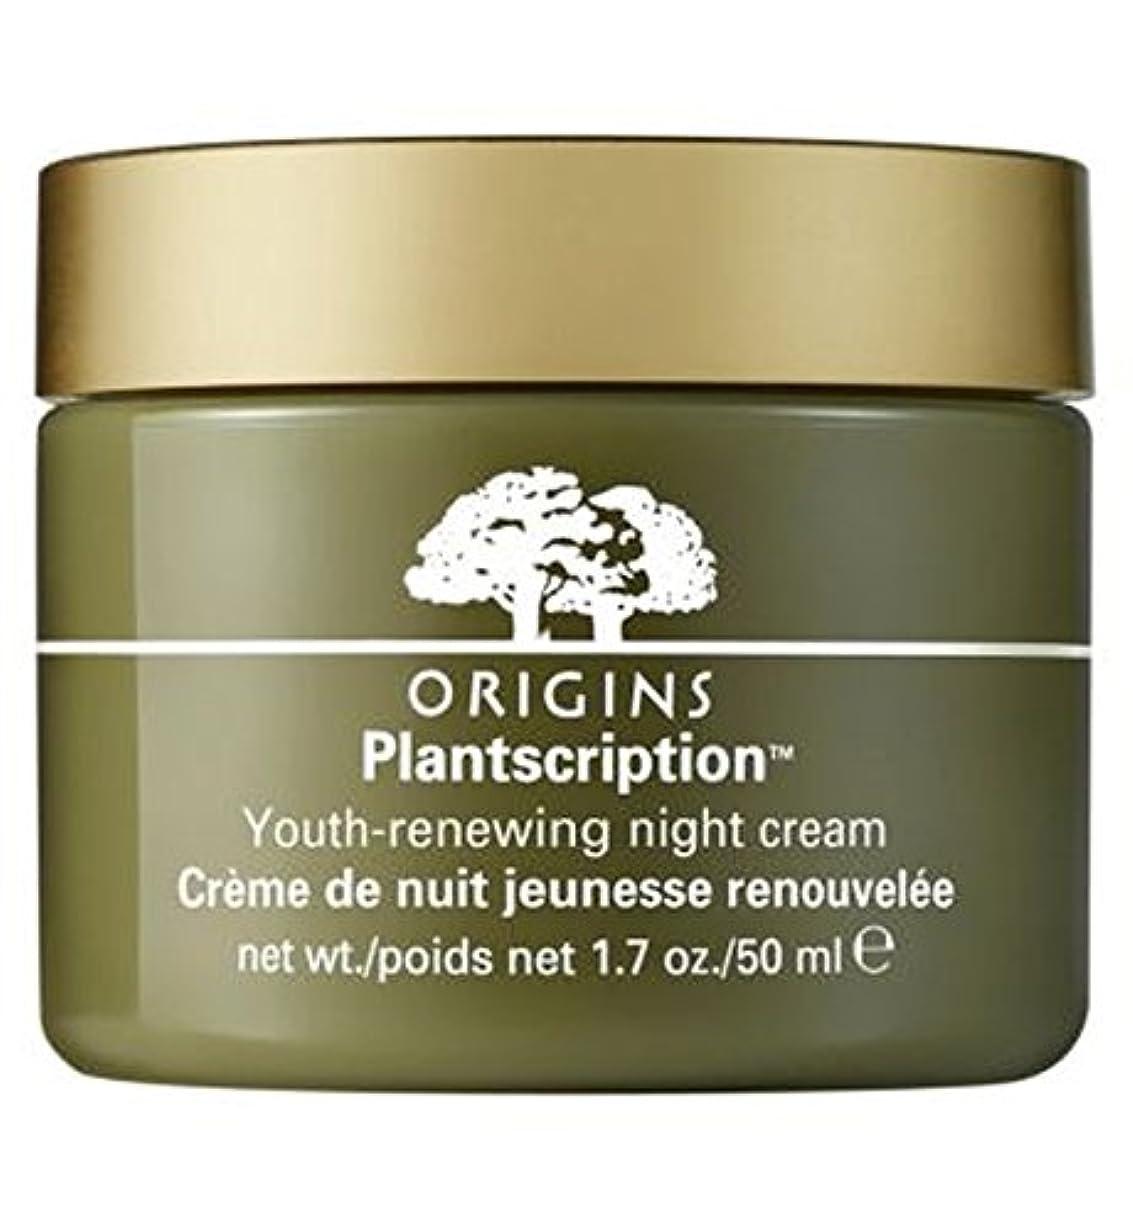 アメリカモードリン文明化Origins Plantscription Night Cream 50ml - 起源Plantscriptionナイトクリーム50ミリリットル (Origins) [並行輸入品]